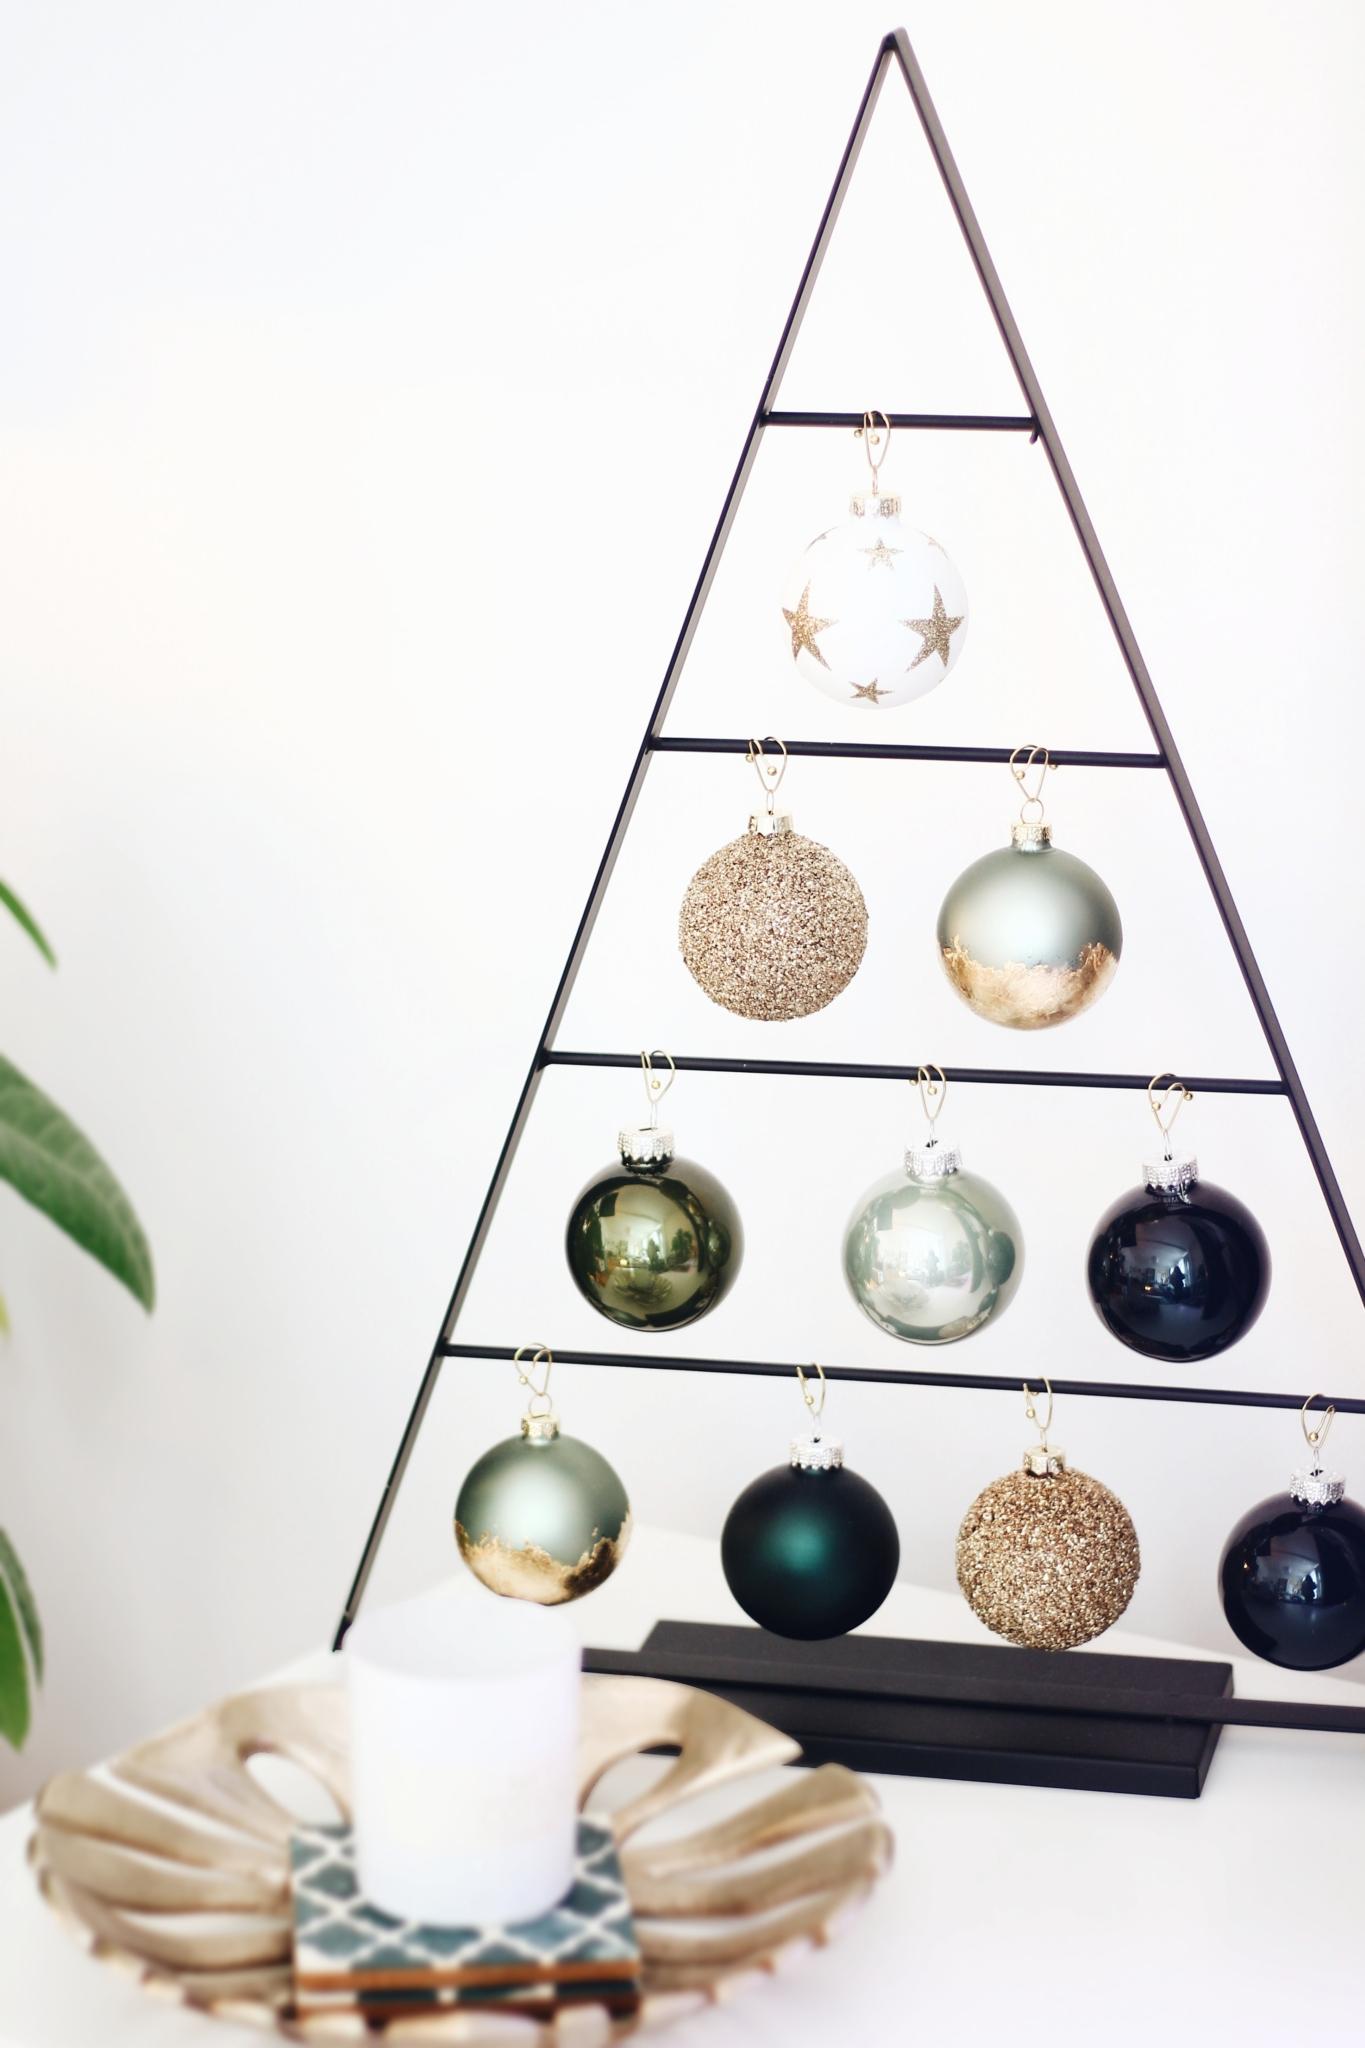 alternativer Weihnachtsbaum - 5 Tipps & Ideen für die eigene Weihnachtsdekoration - Lifestyle Blog Leipzig